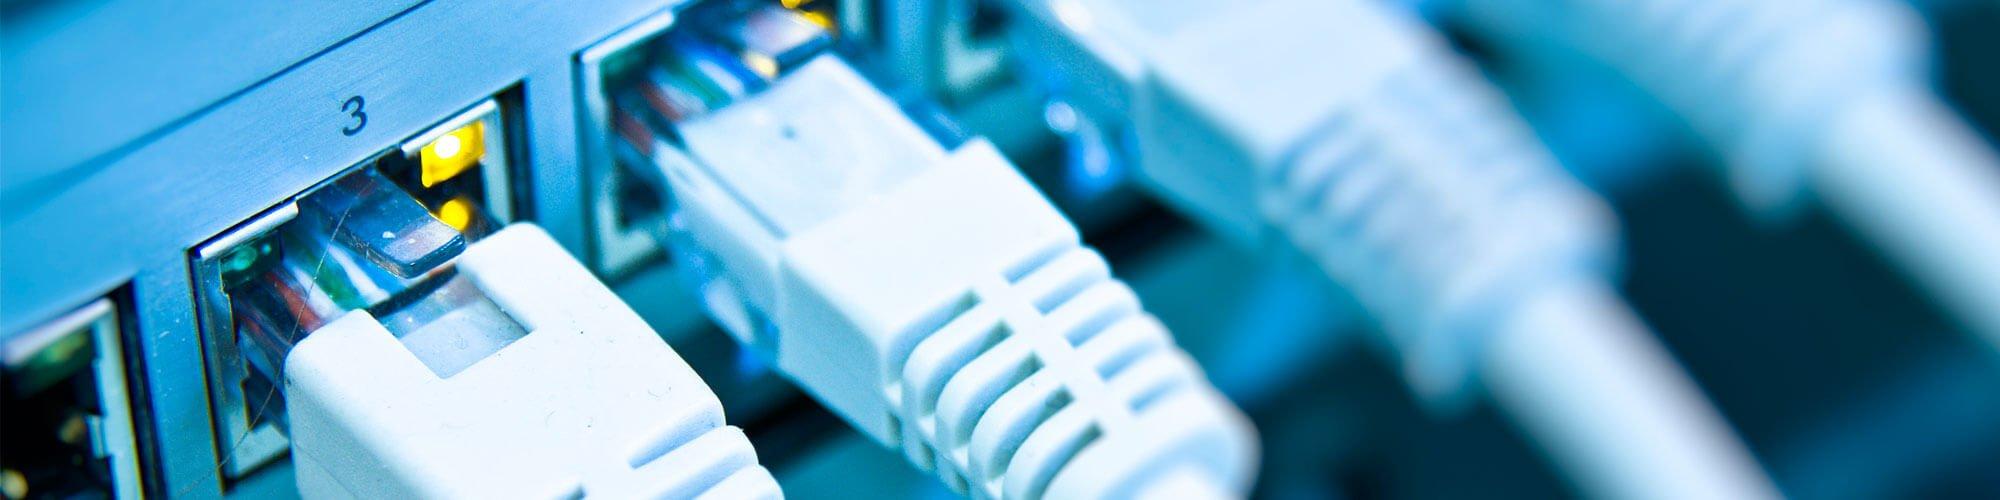 Ingeniería de redes y telecomunicaciones